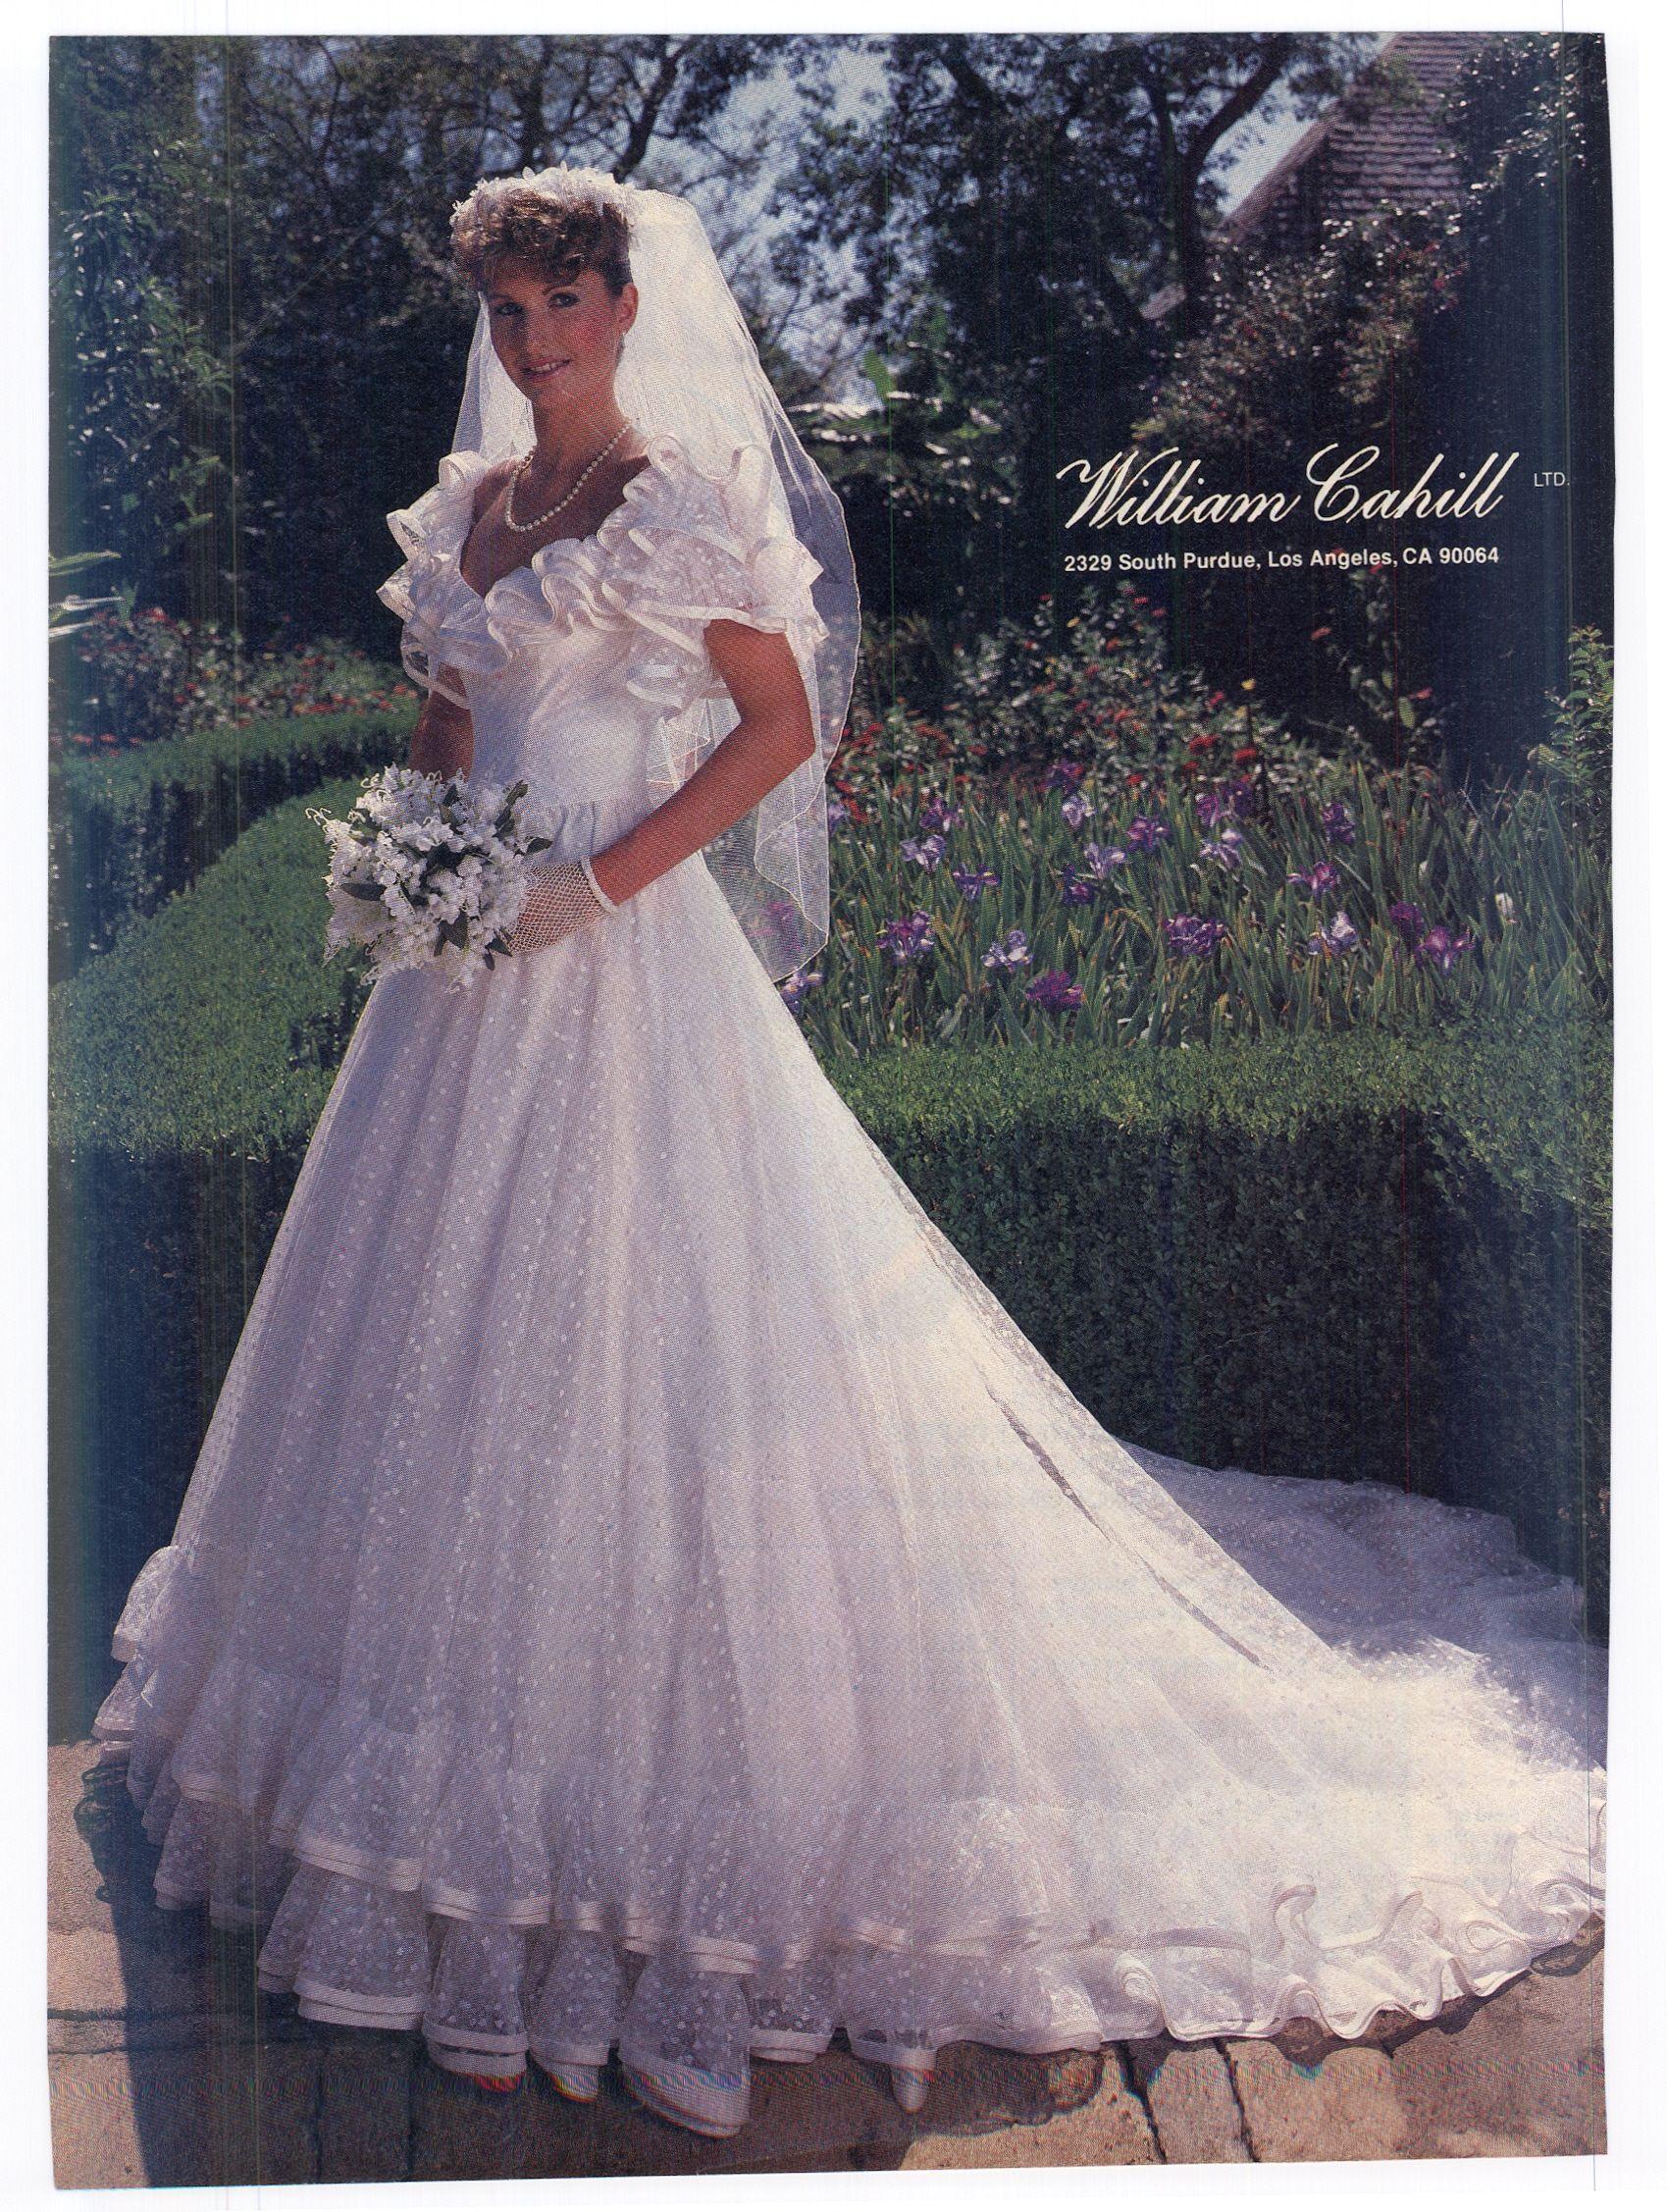 0127419f6db0d William Cahill 1984 1980s Wedding Dress